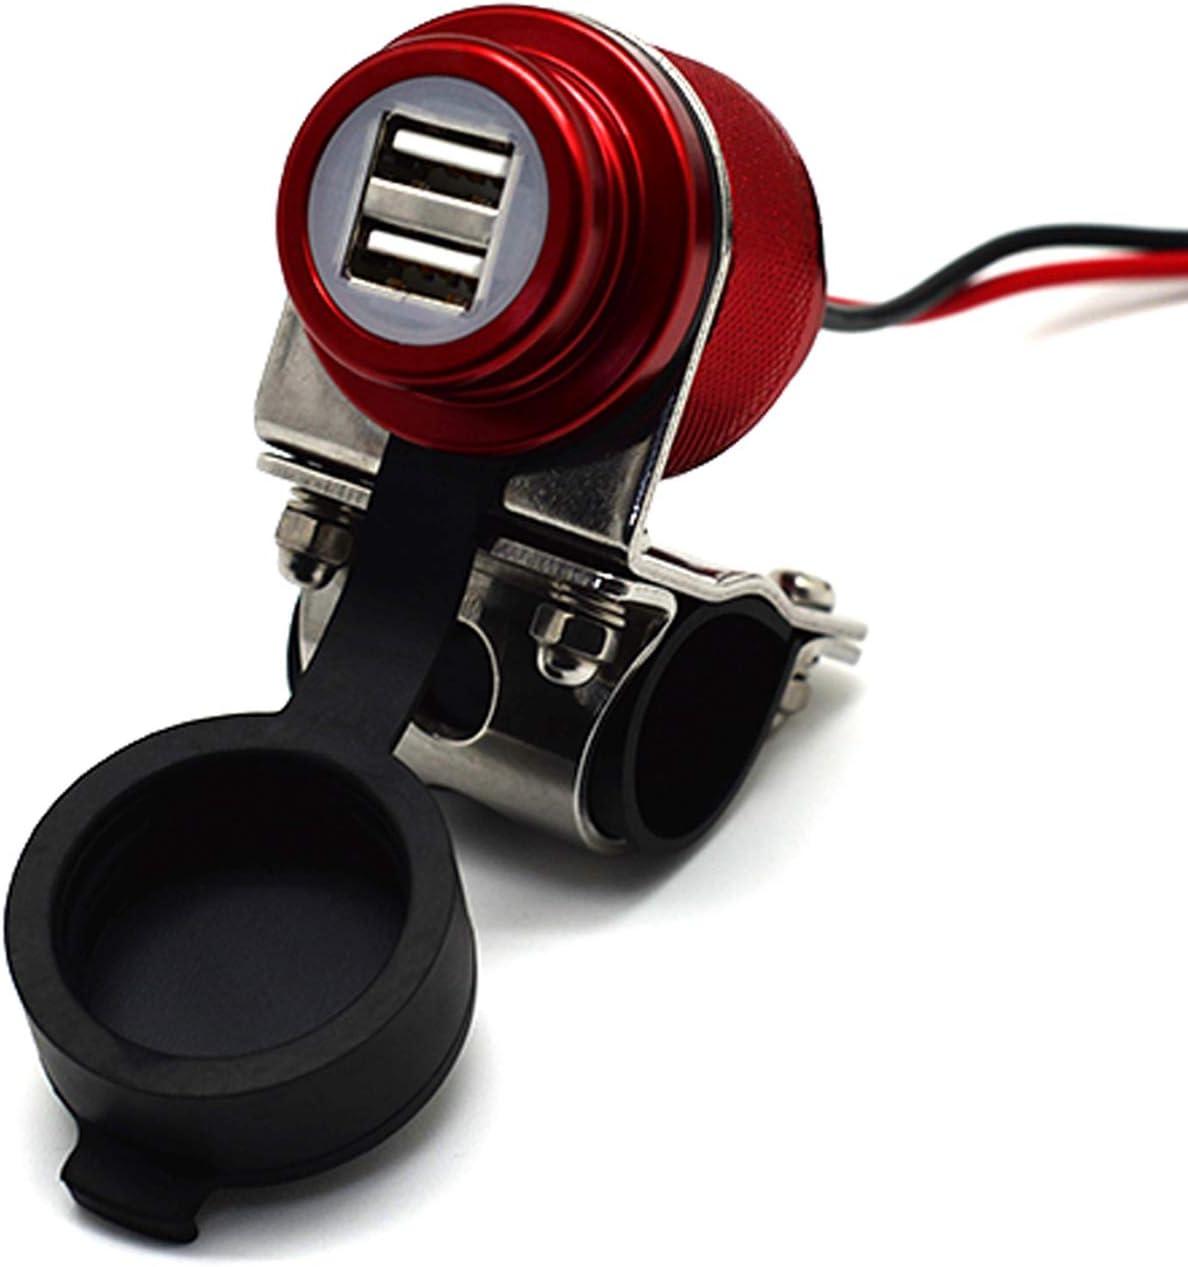 Cliff-Top® Aluminio 4.6 amperios de corriente USB Cargador universal - Kit de fuente de alimentación USB para GPS, navegación por satélite, y Smartphone, etc. (marrón)